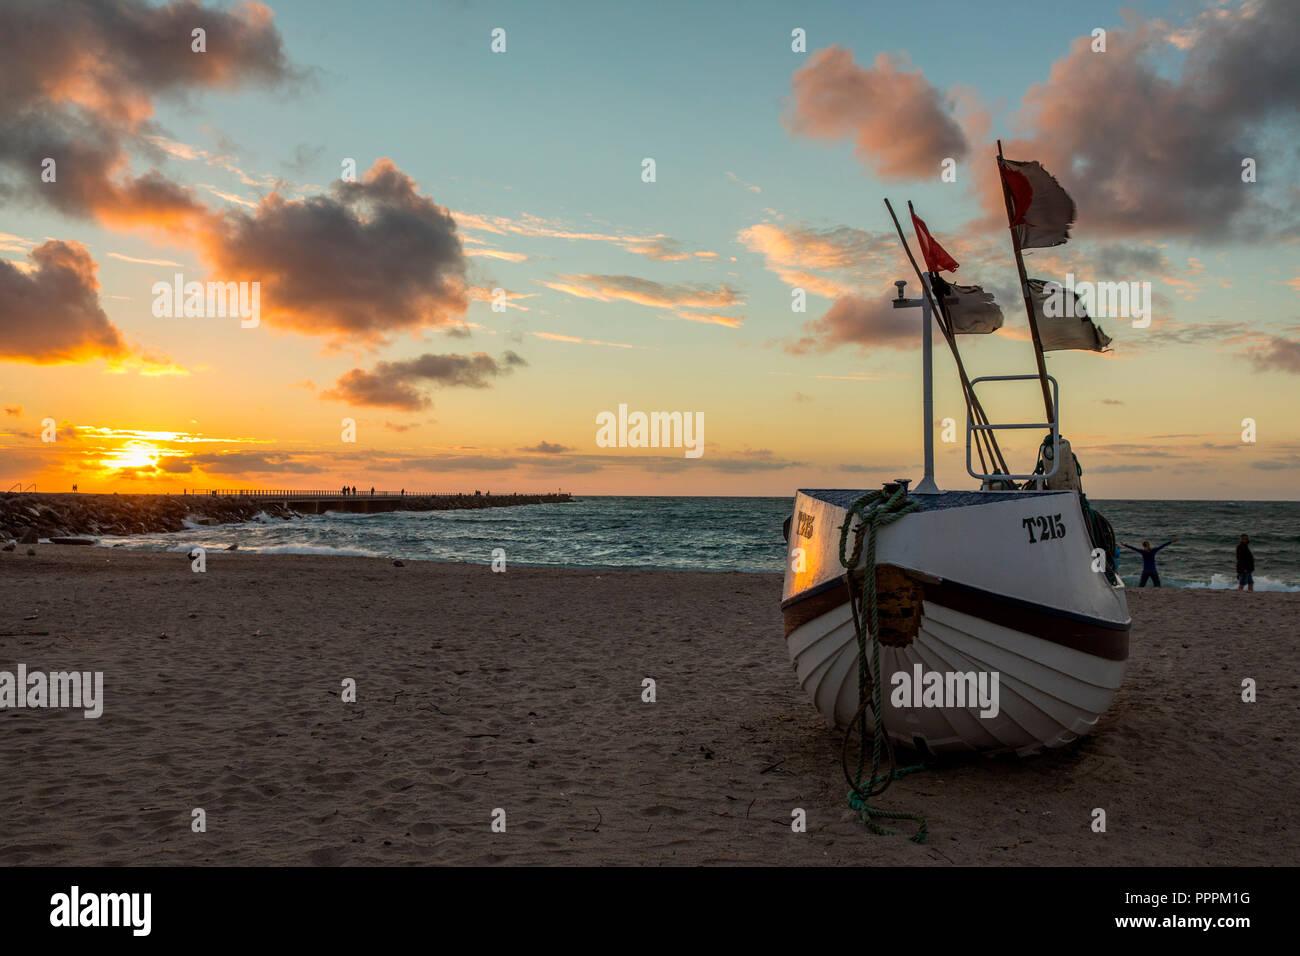 Ship at Sunset, Harbour, Vorupoer, Jylland, Denmark - Stock Image